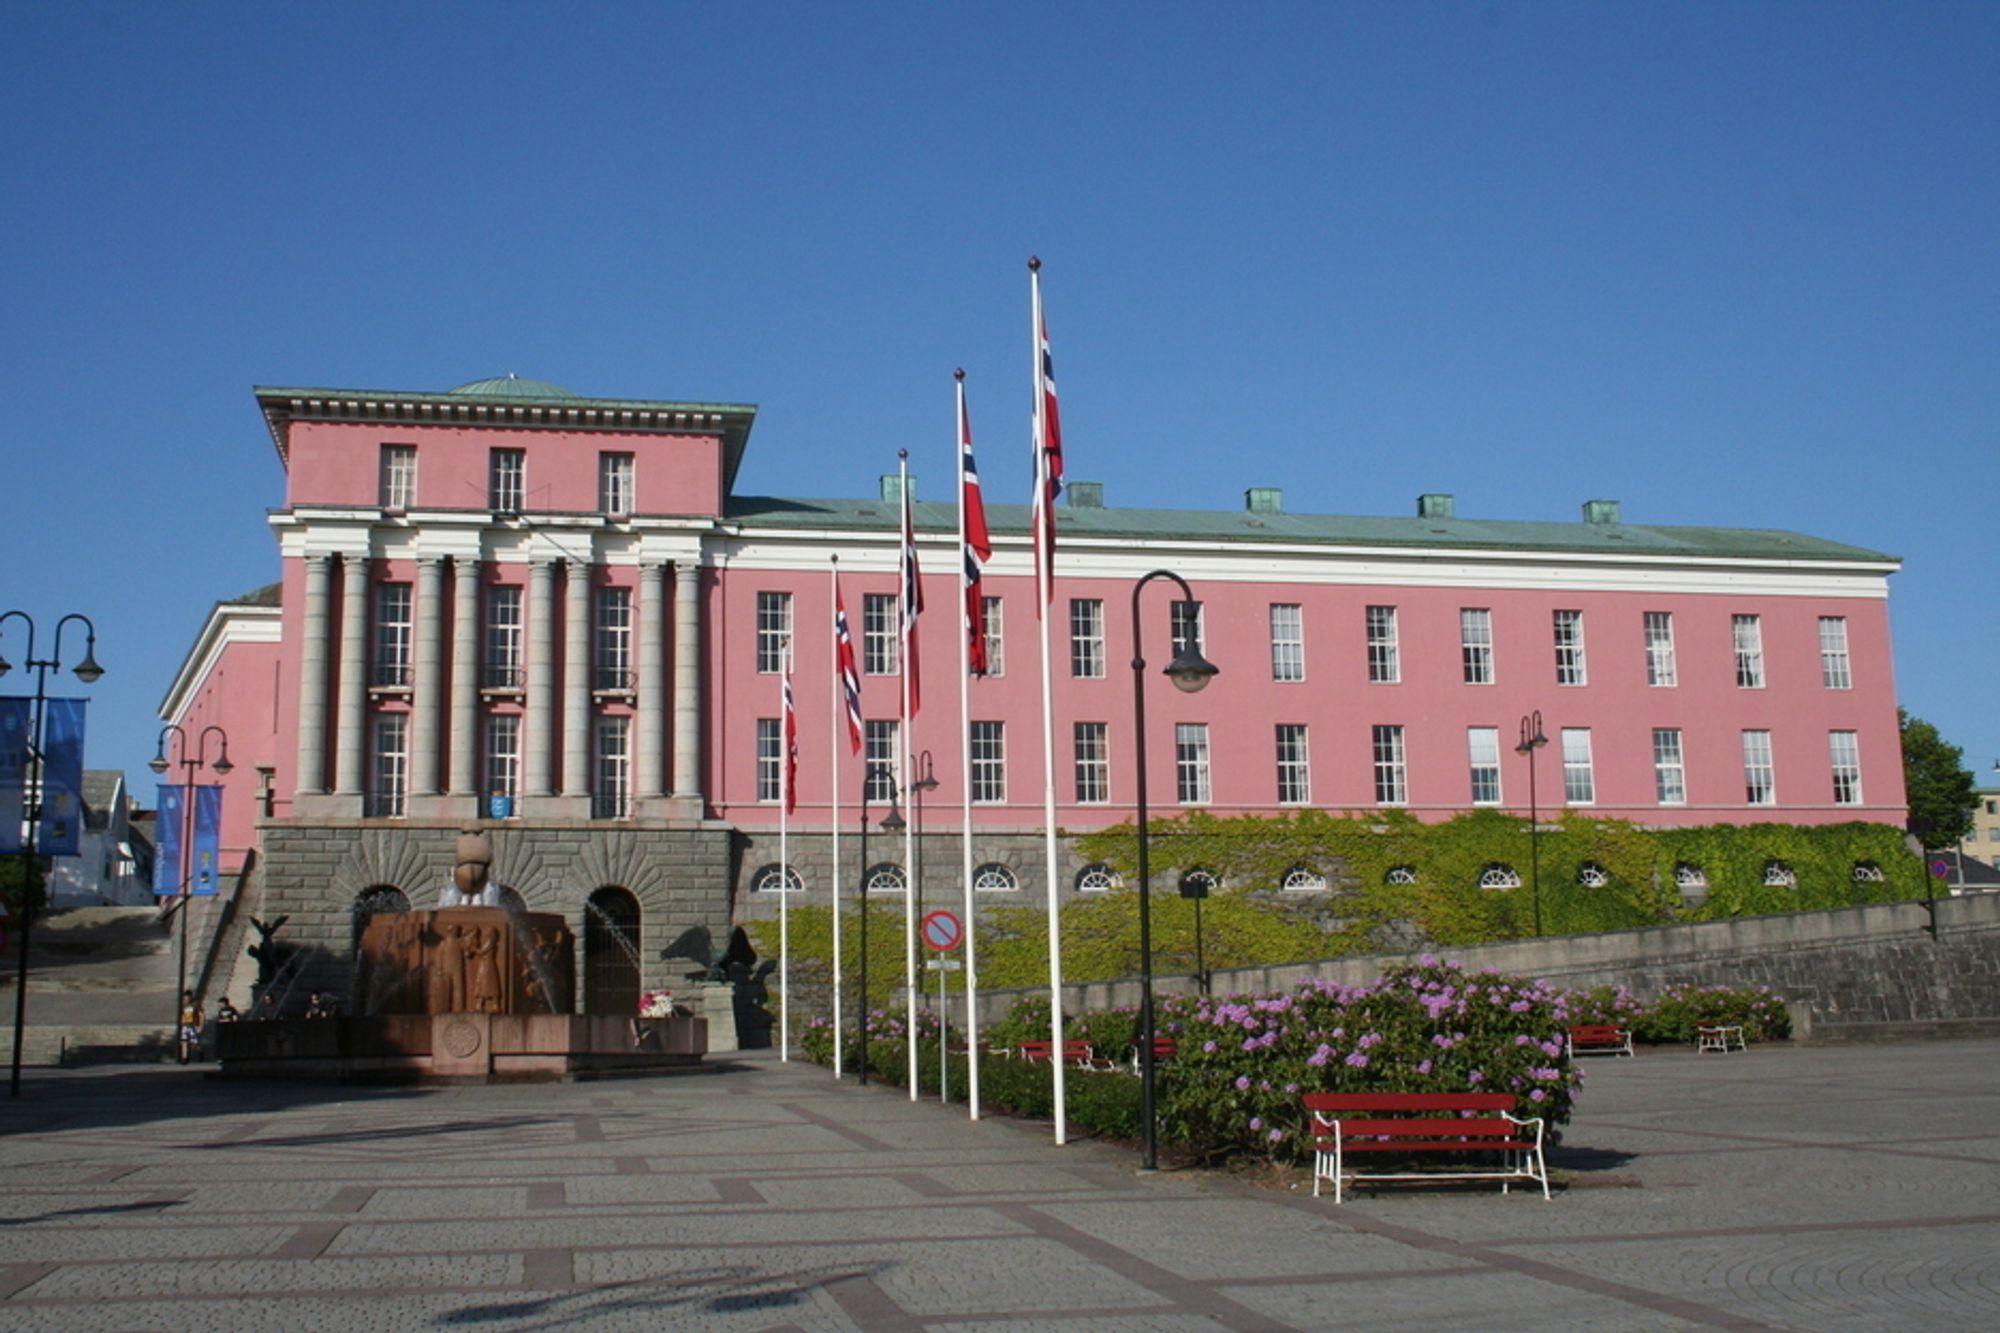 Haugesunds rosa rådhus ble den soleklare vinneren i en kåring av landets peneste rådhus.